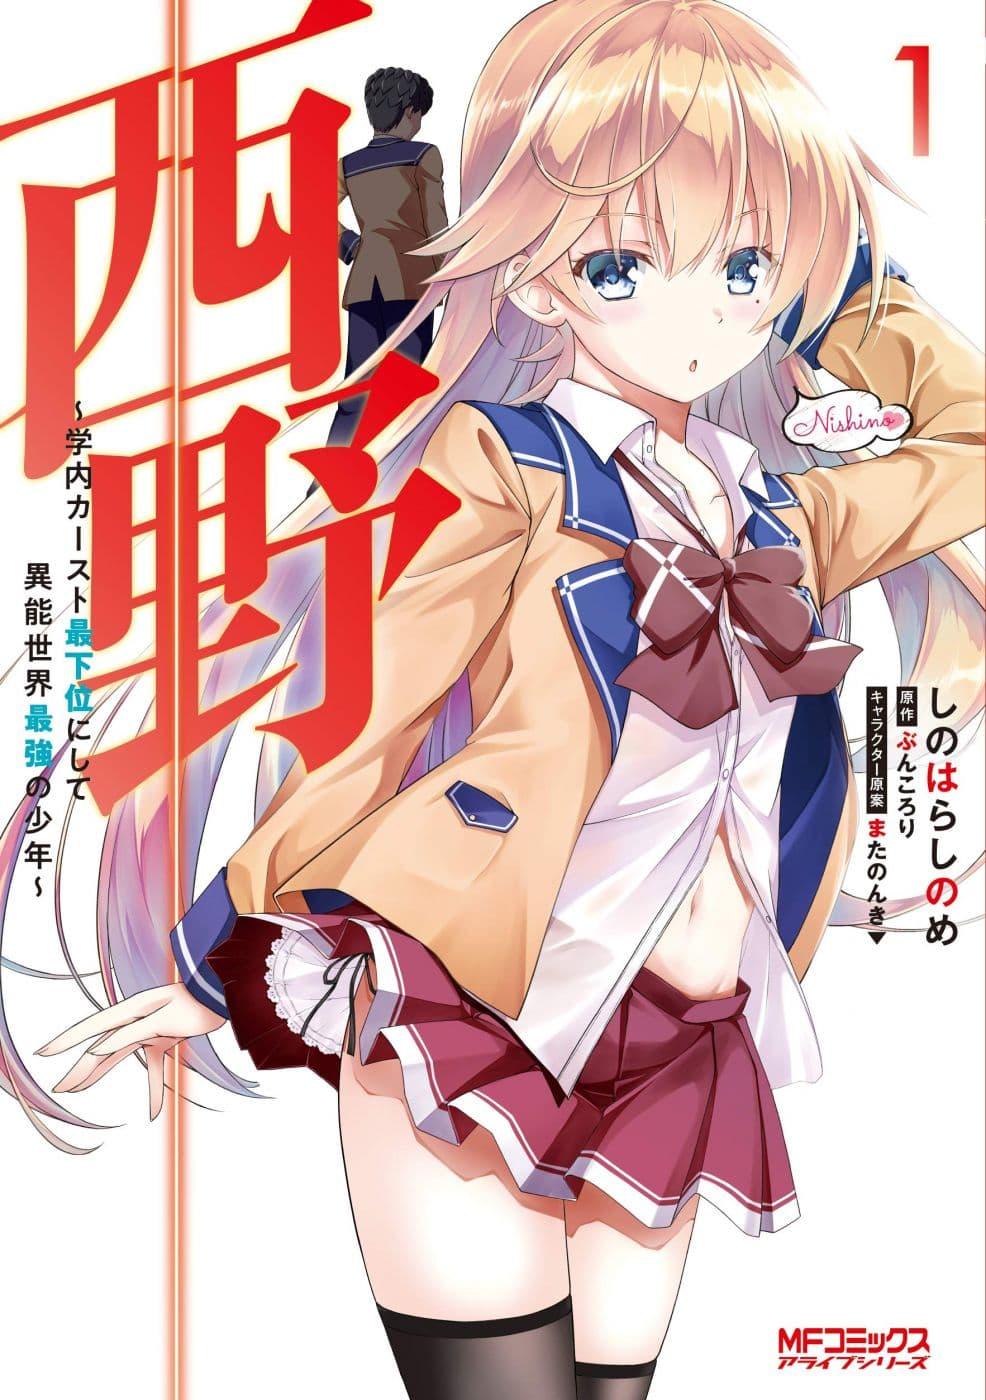 อ่านการ์ตูน Nishino Gakunai Caste Saikai Ni Shite Ino Sekai Saikyo No Shonen ตอนที่ 6 หน้าที่ 24